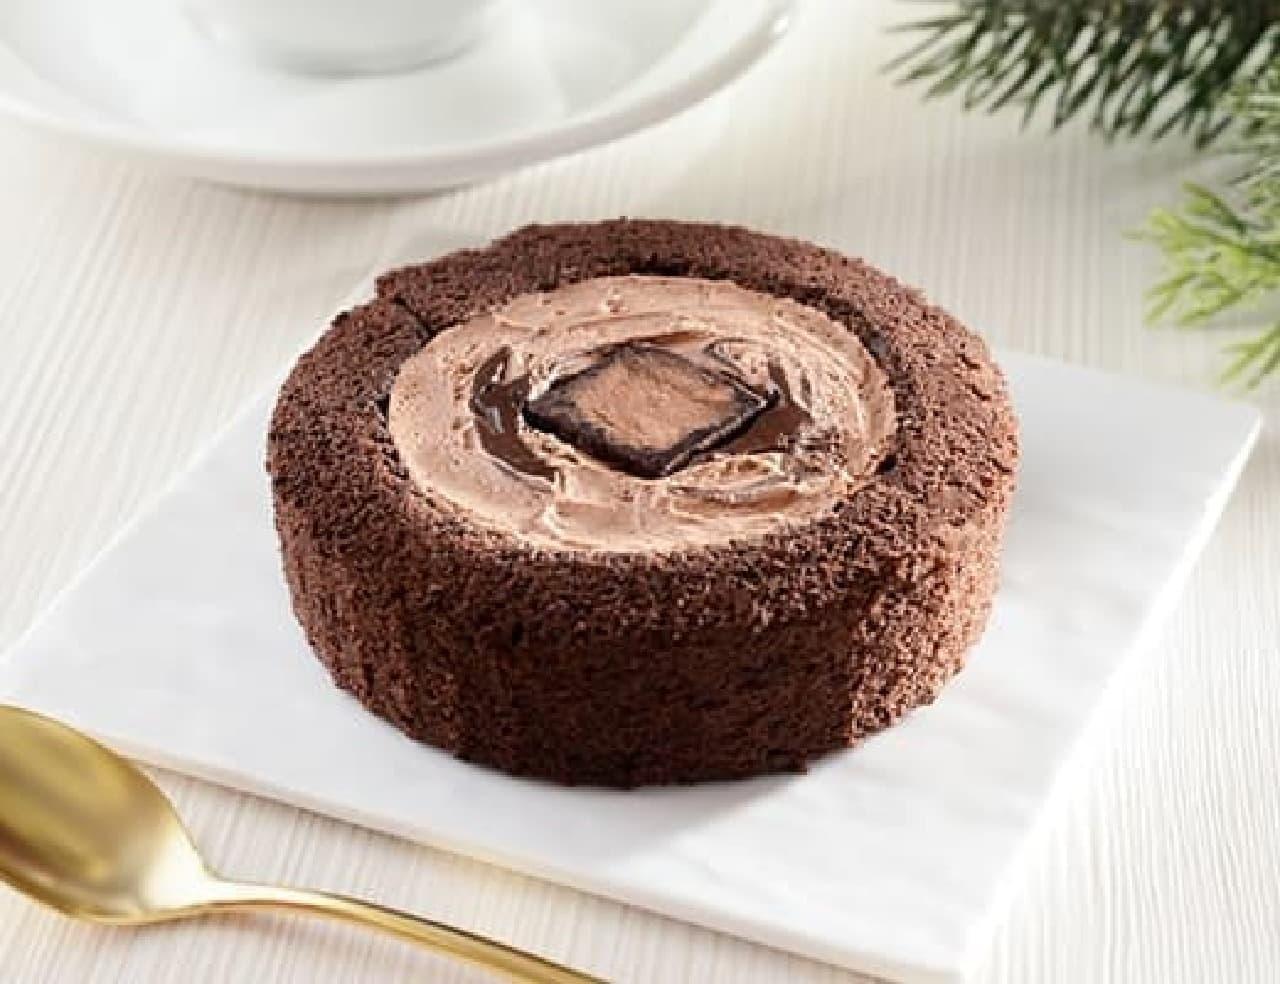 ローソン「生ショコラロールケーキ」